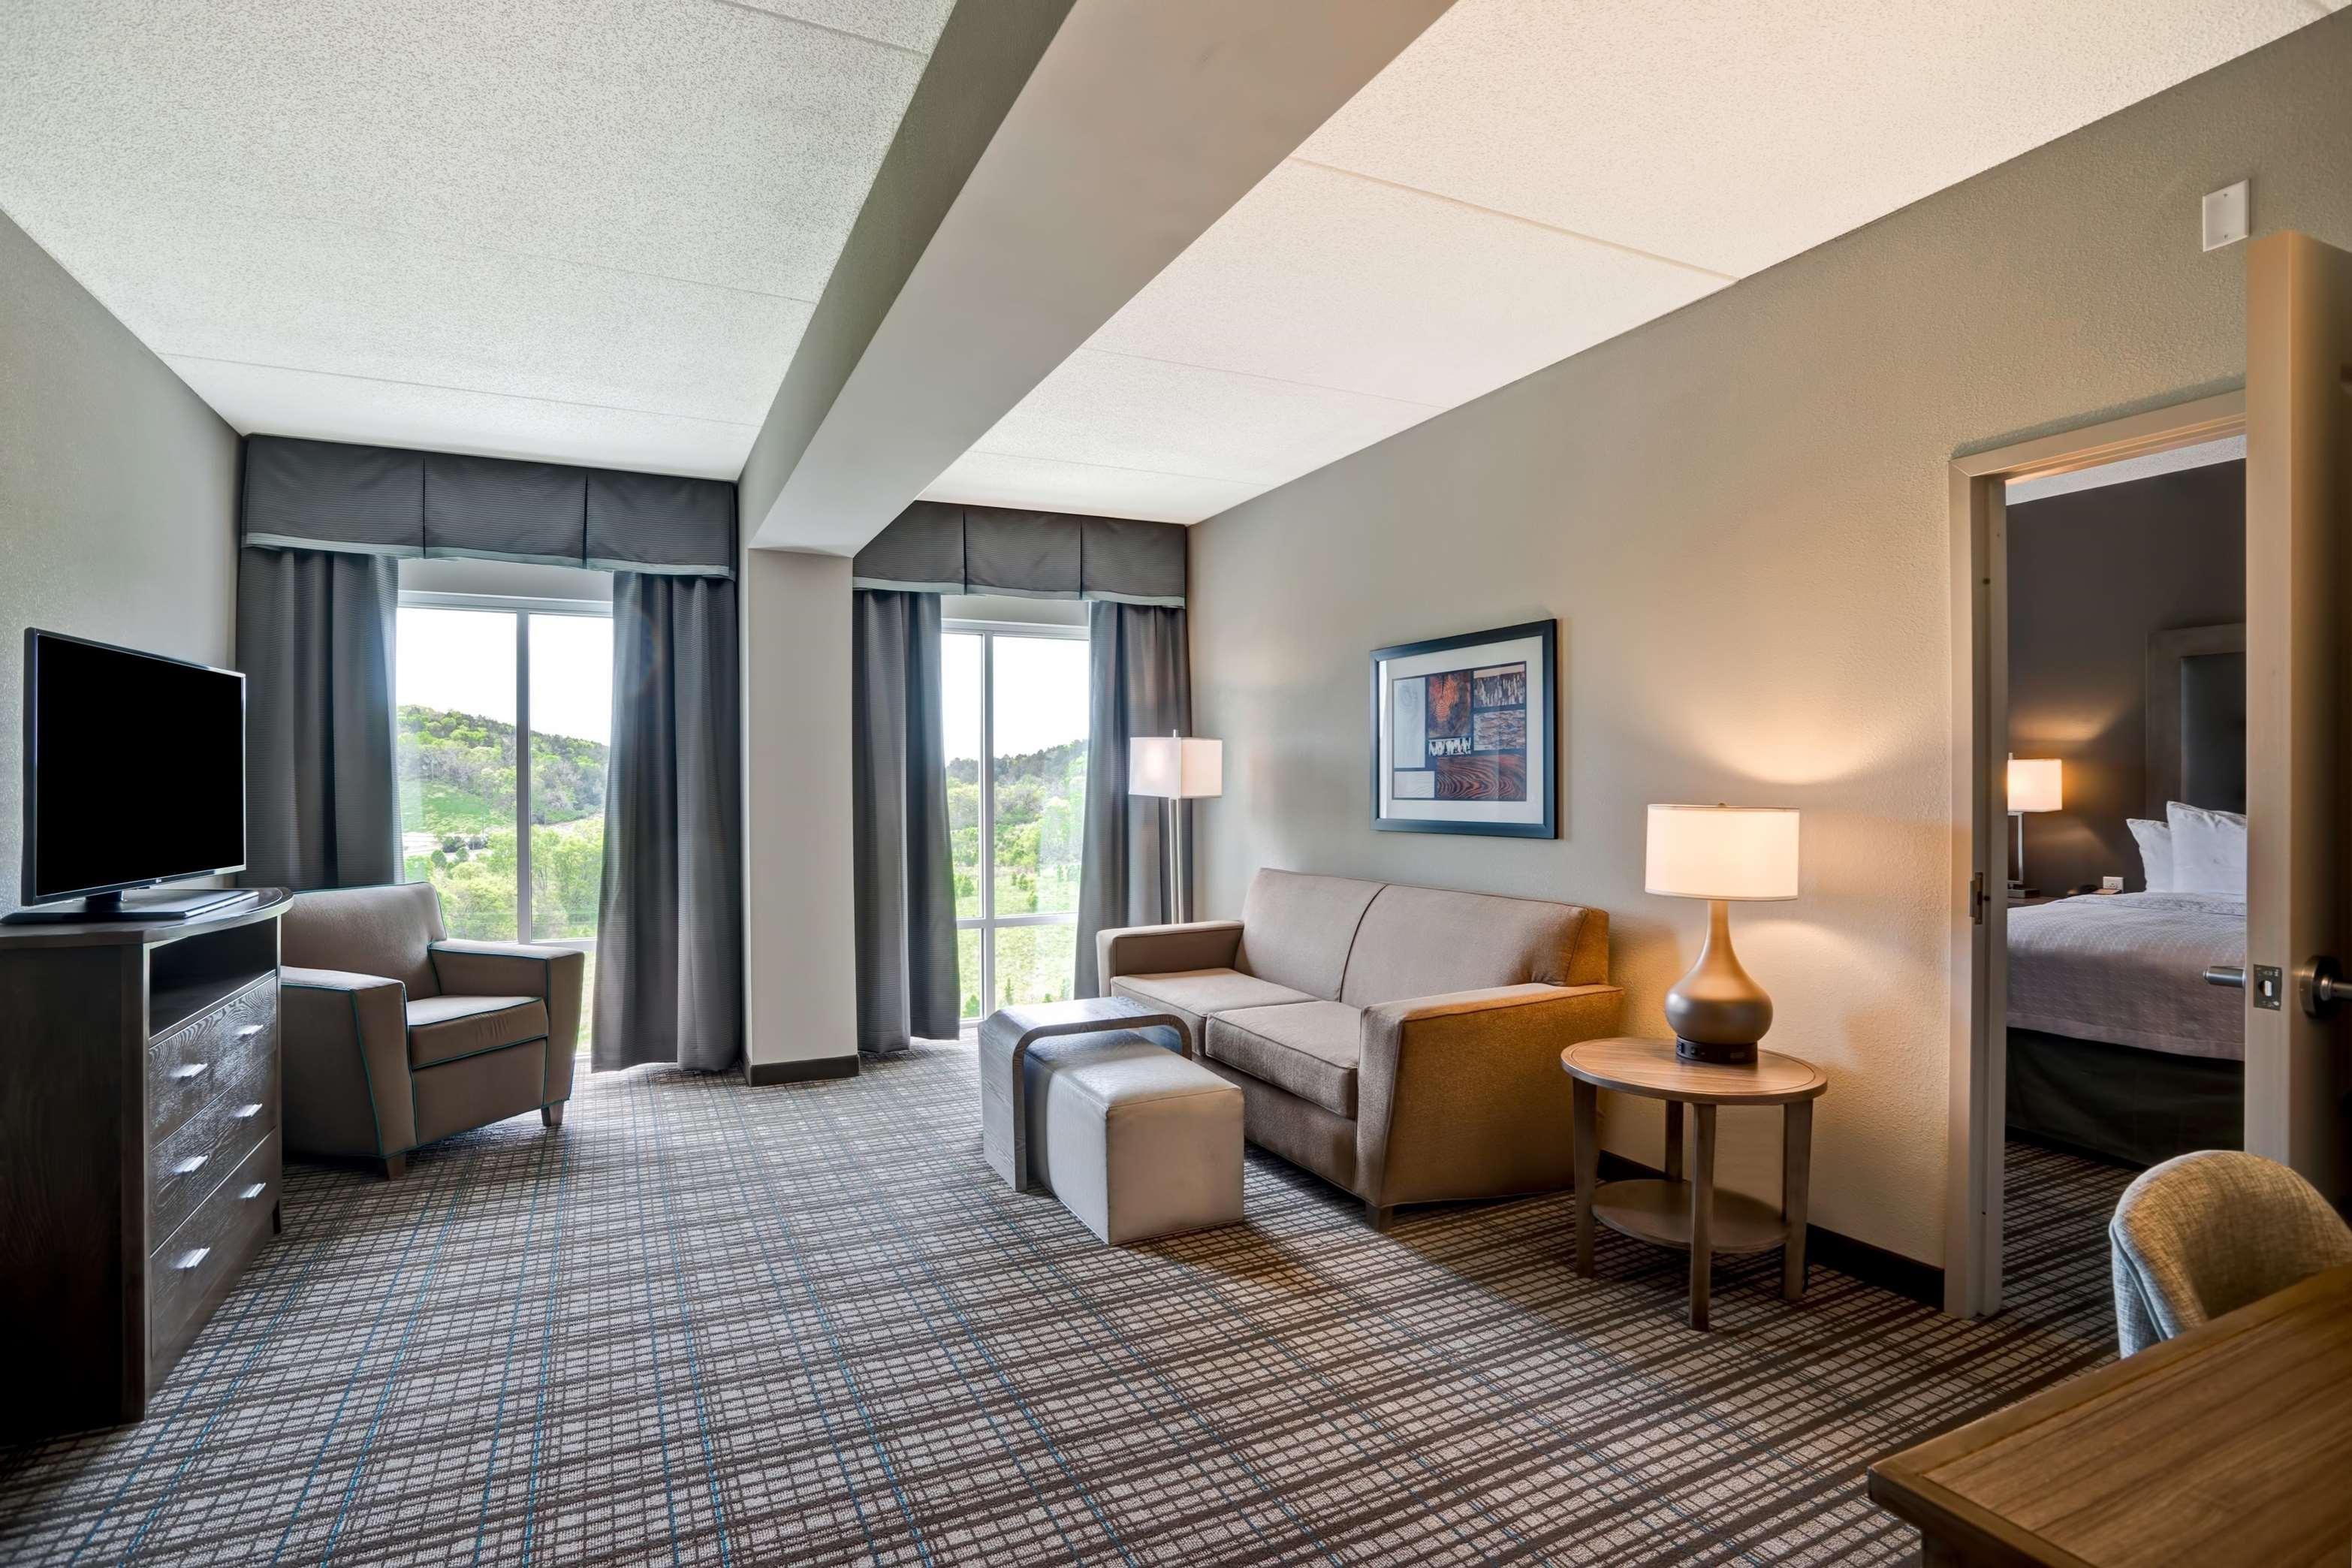 Homewood Suites by Hilton Nashville Franklin Cool Springs image 18